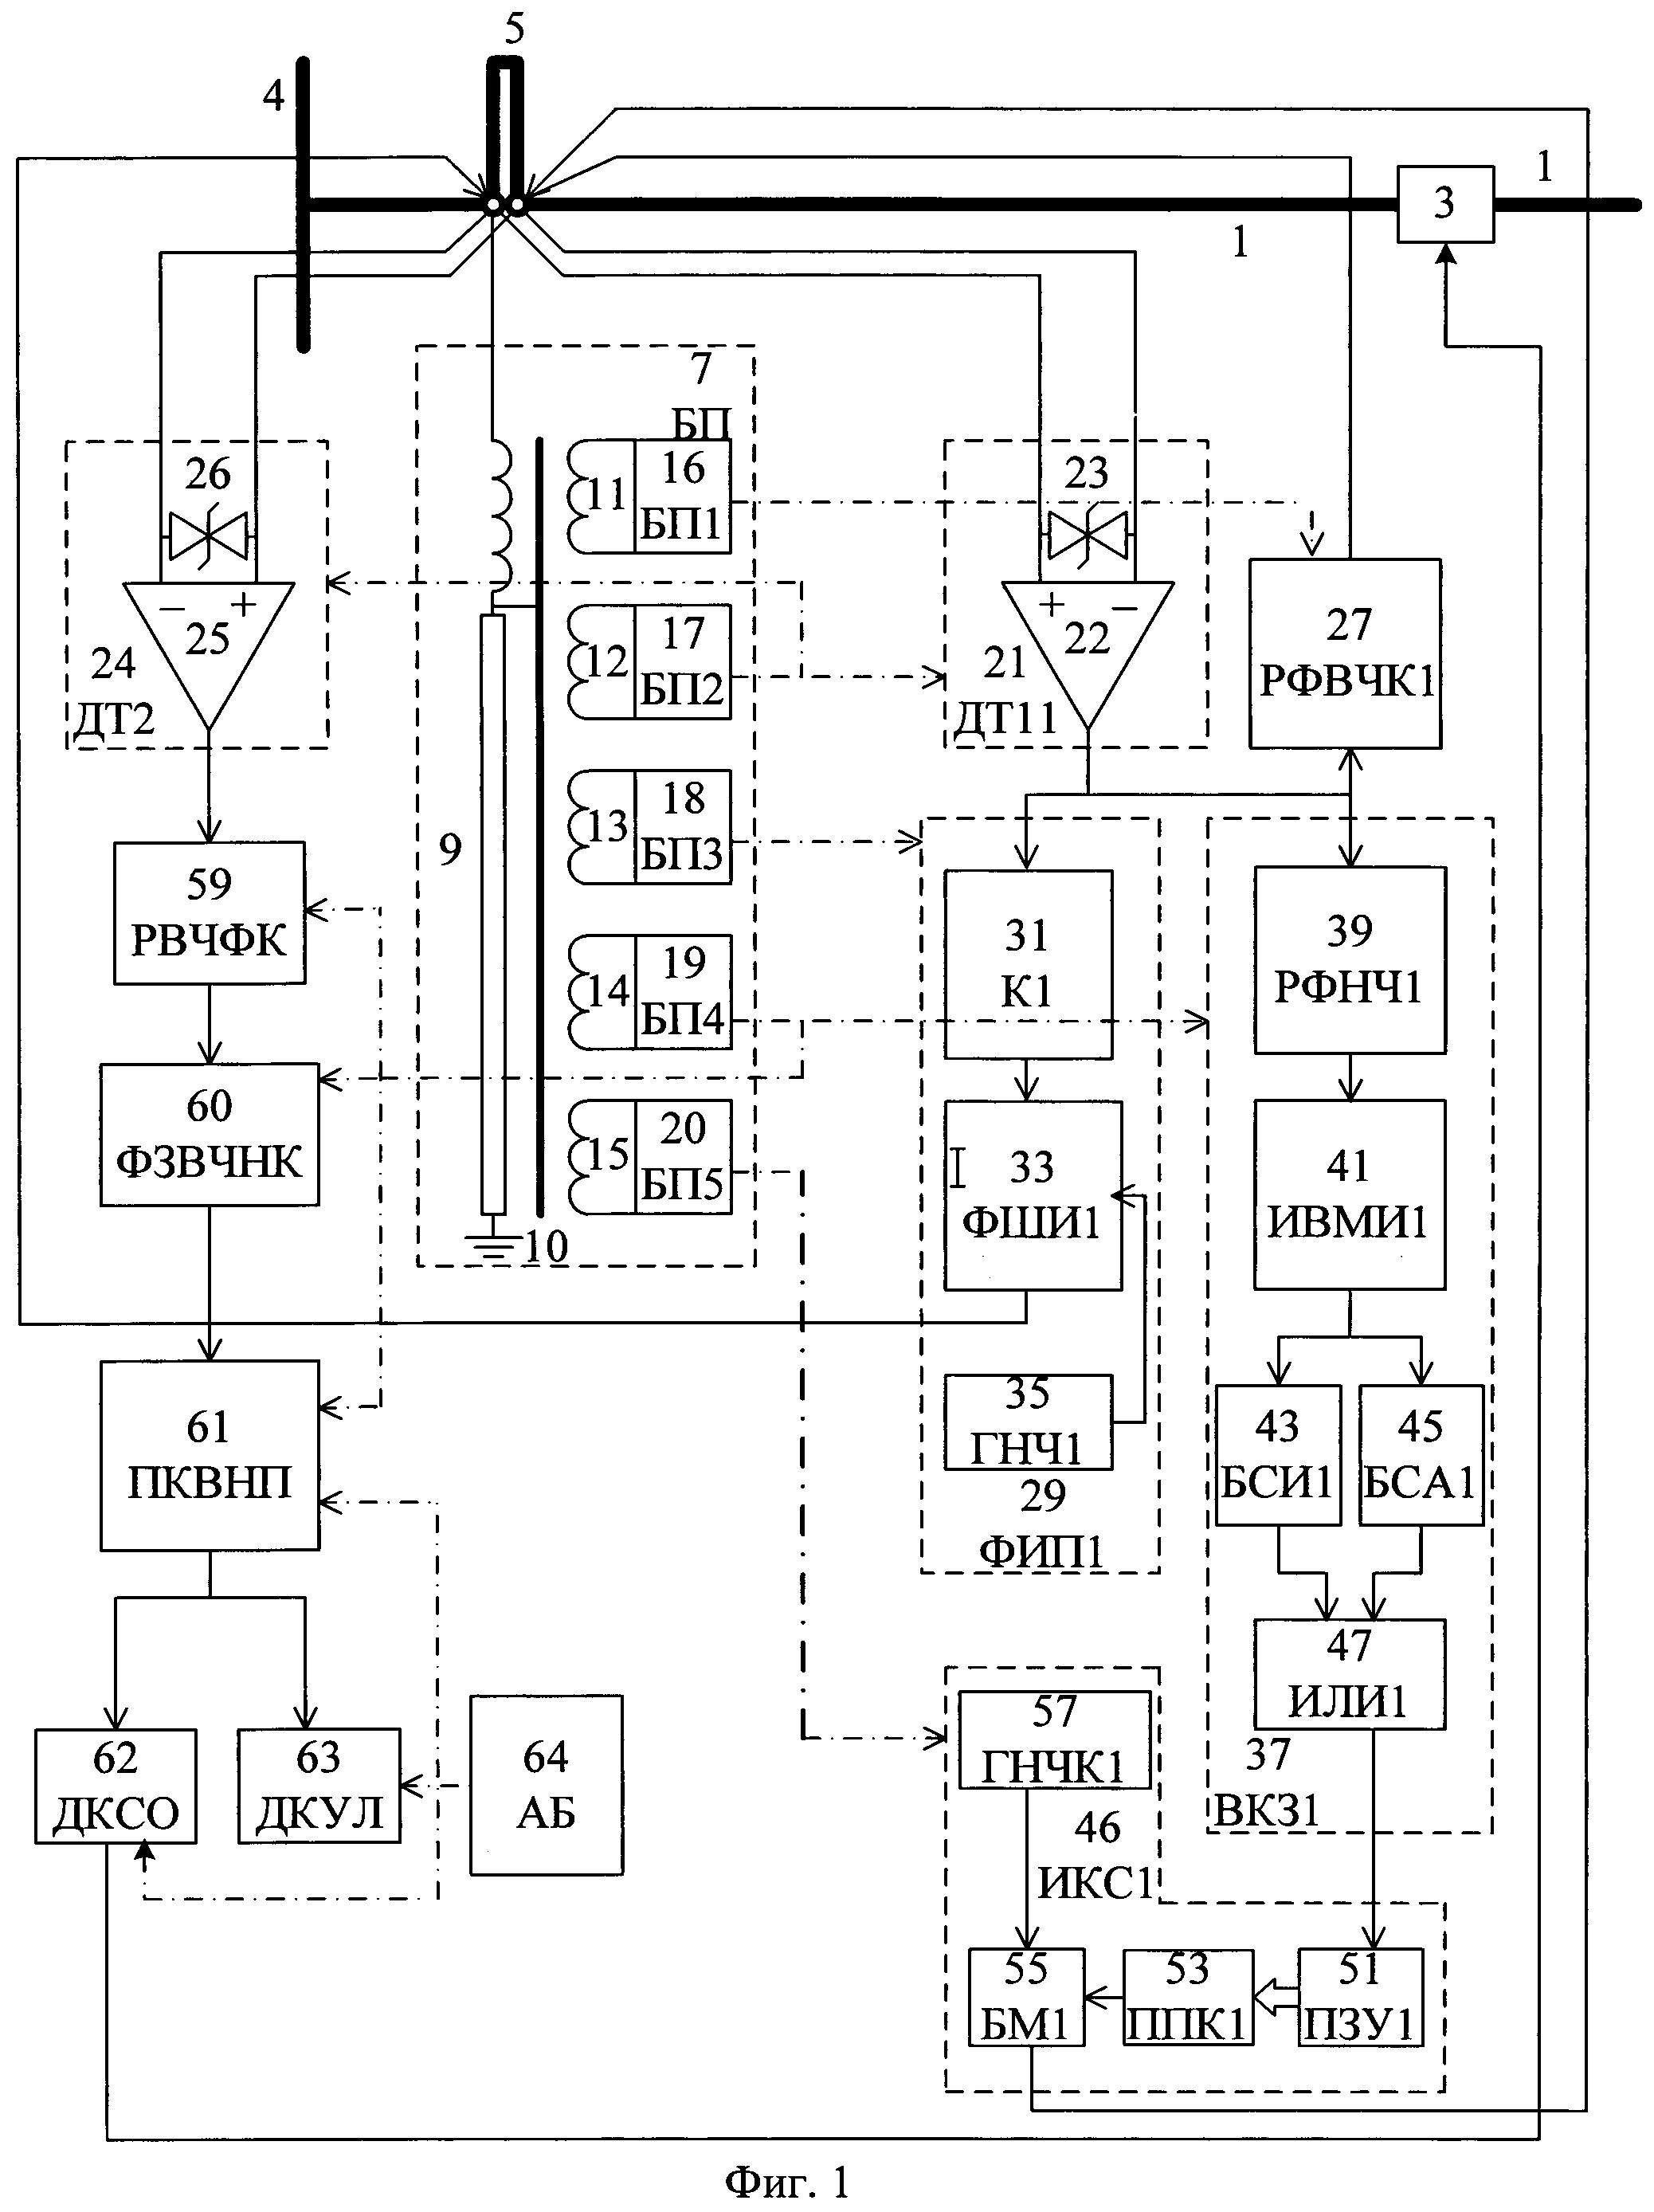 Схемы электрические электростанций и подстанций